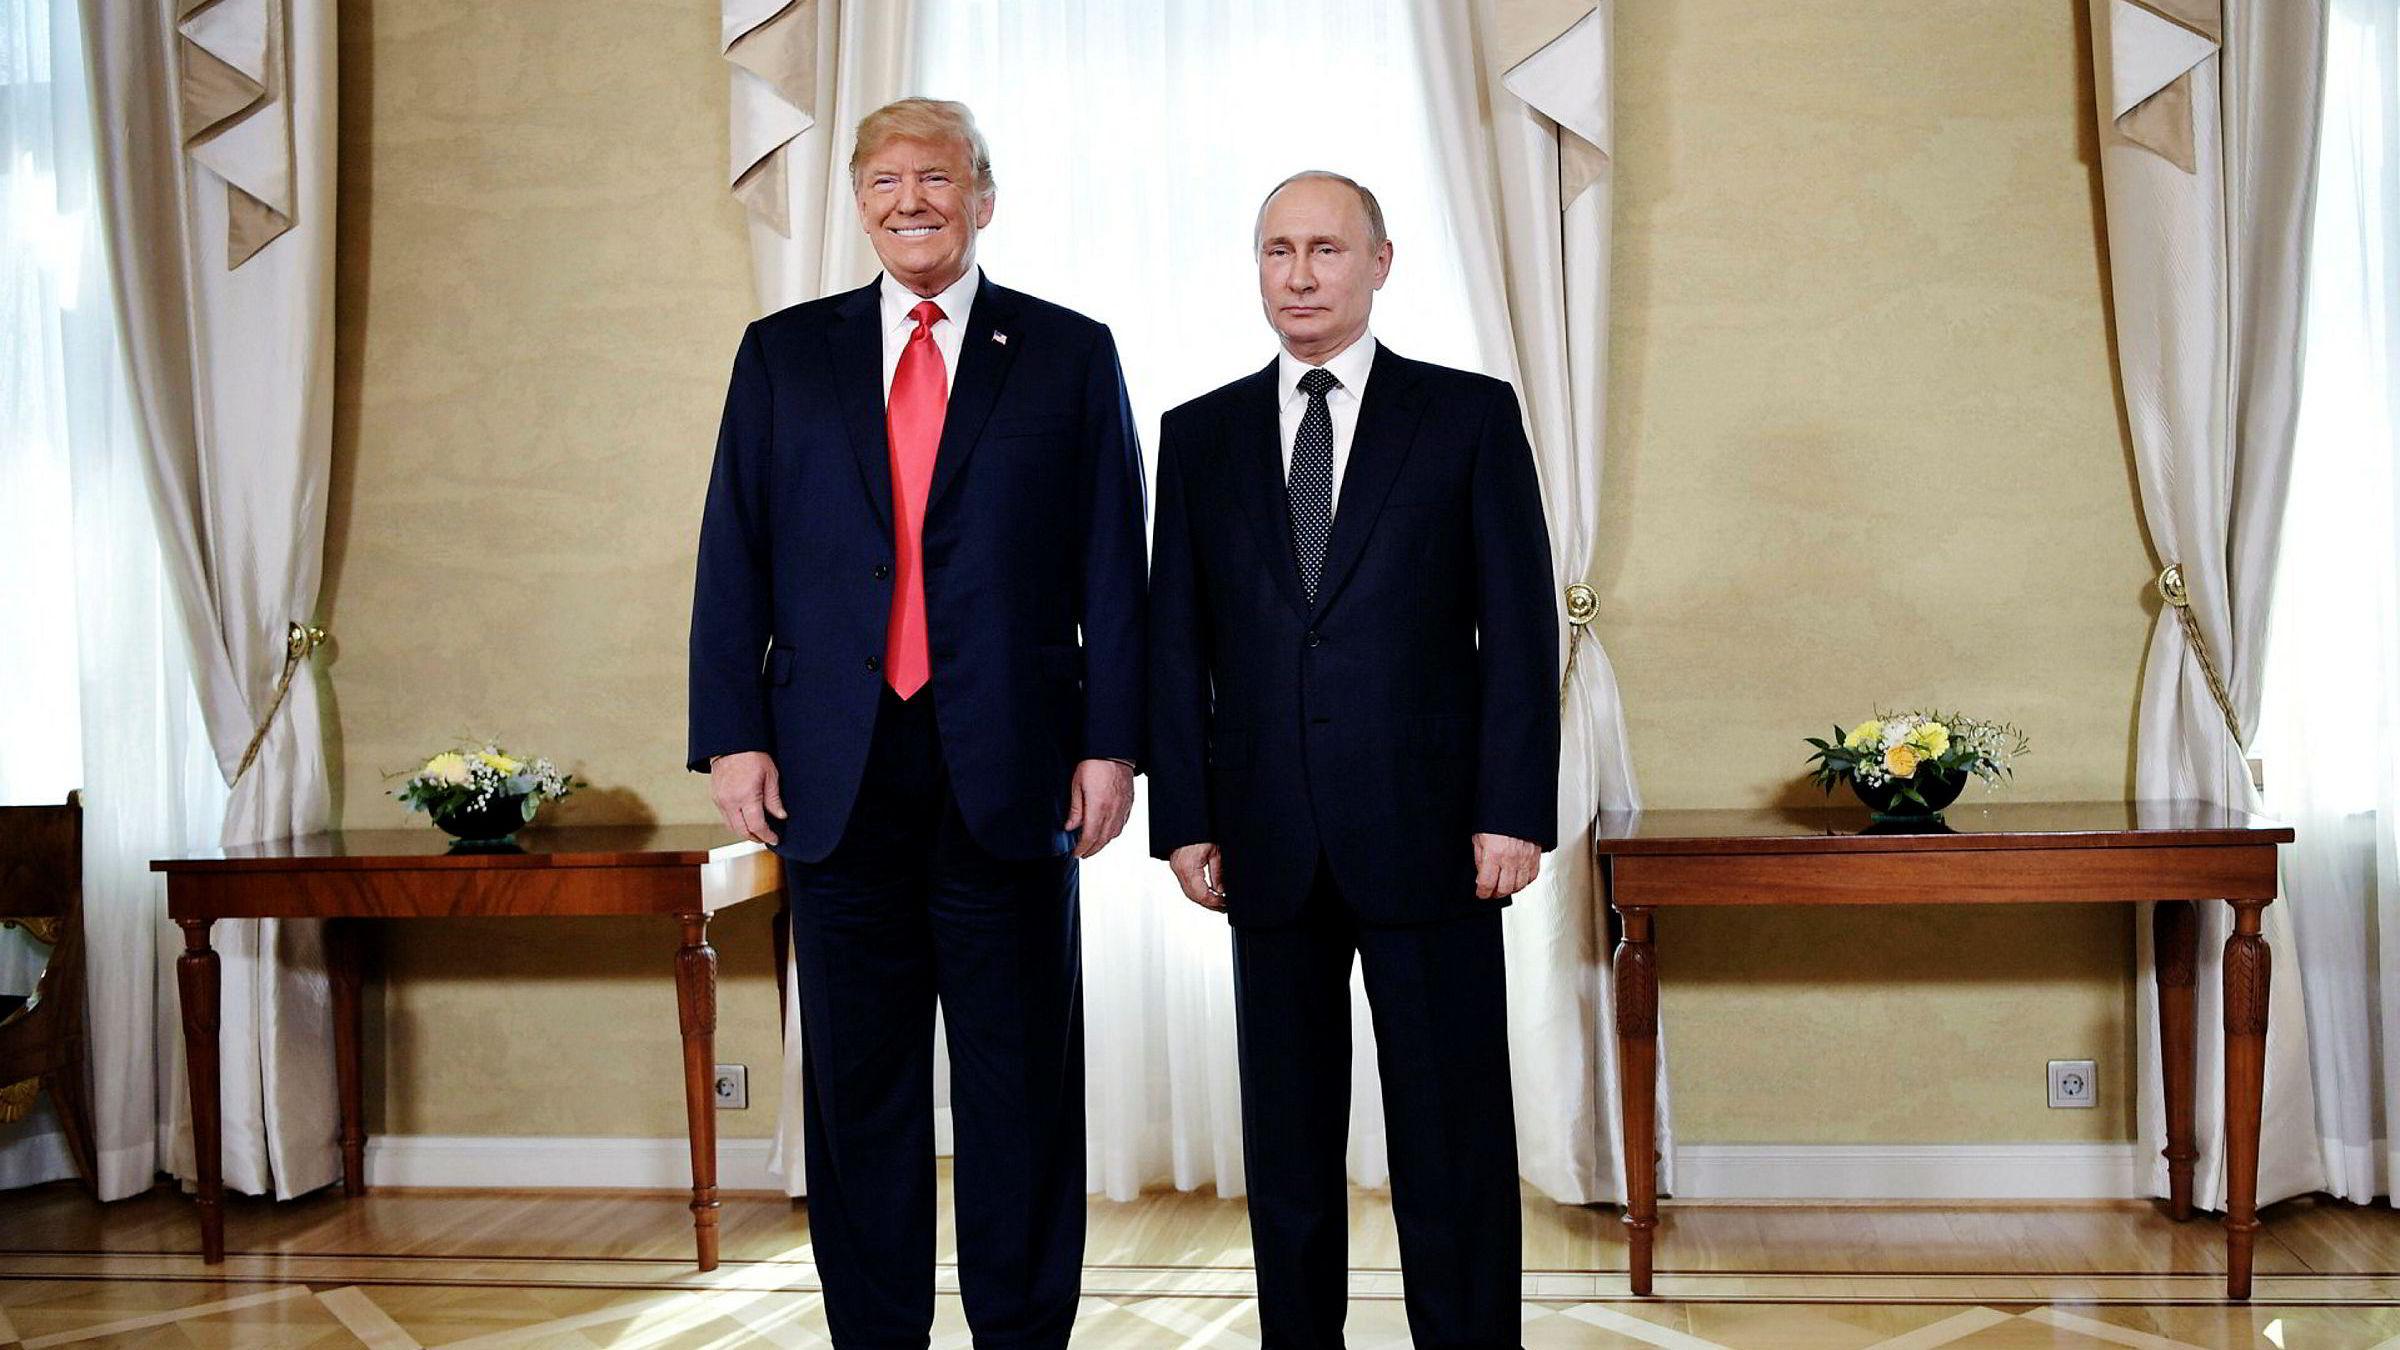 Donald Trumps Europa-rundreise har etterlatt seg sår det vil ta lang tid å lege. Her med Russlands president Vladimir Putin før et møte i Helsingfors mandag.